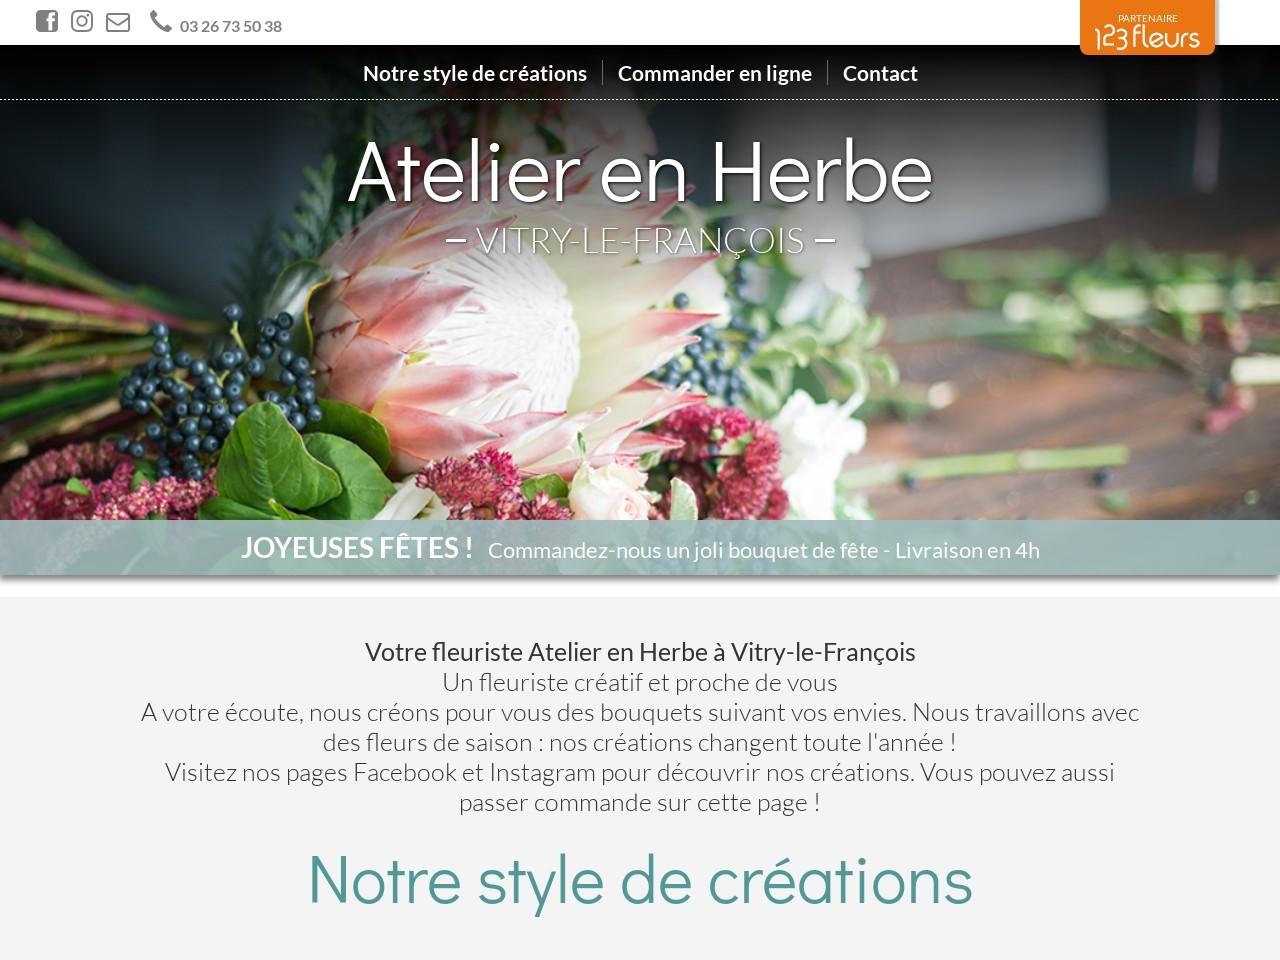 Site fleuriste Atelier en Herbe - 123fleurs